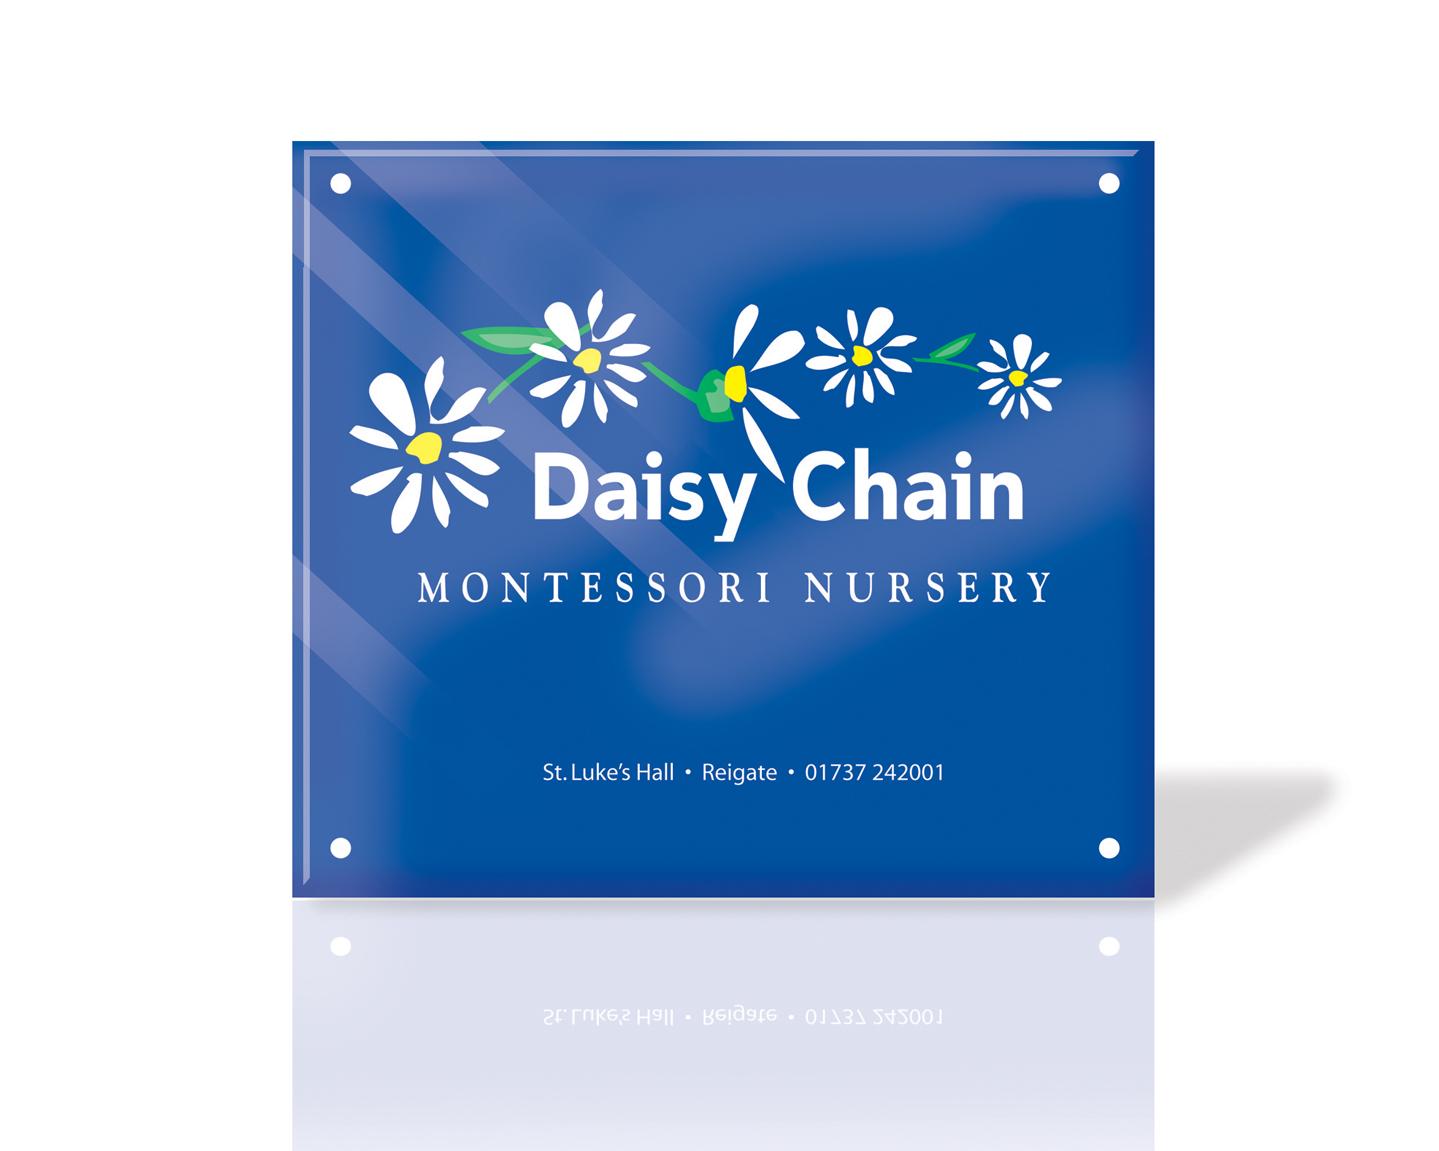 DAISY CHAIN Sign